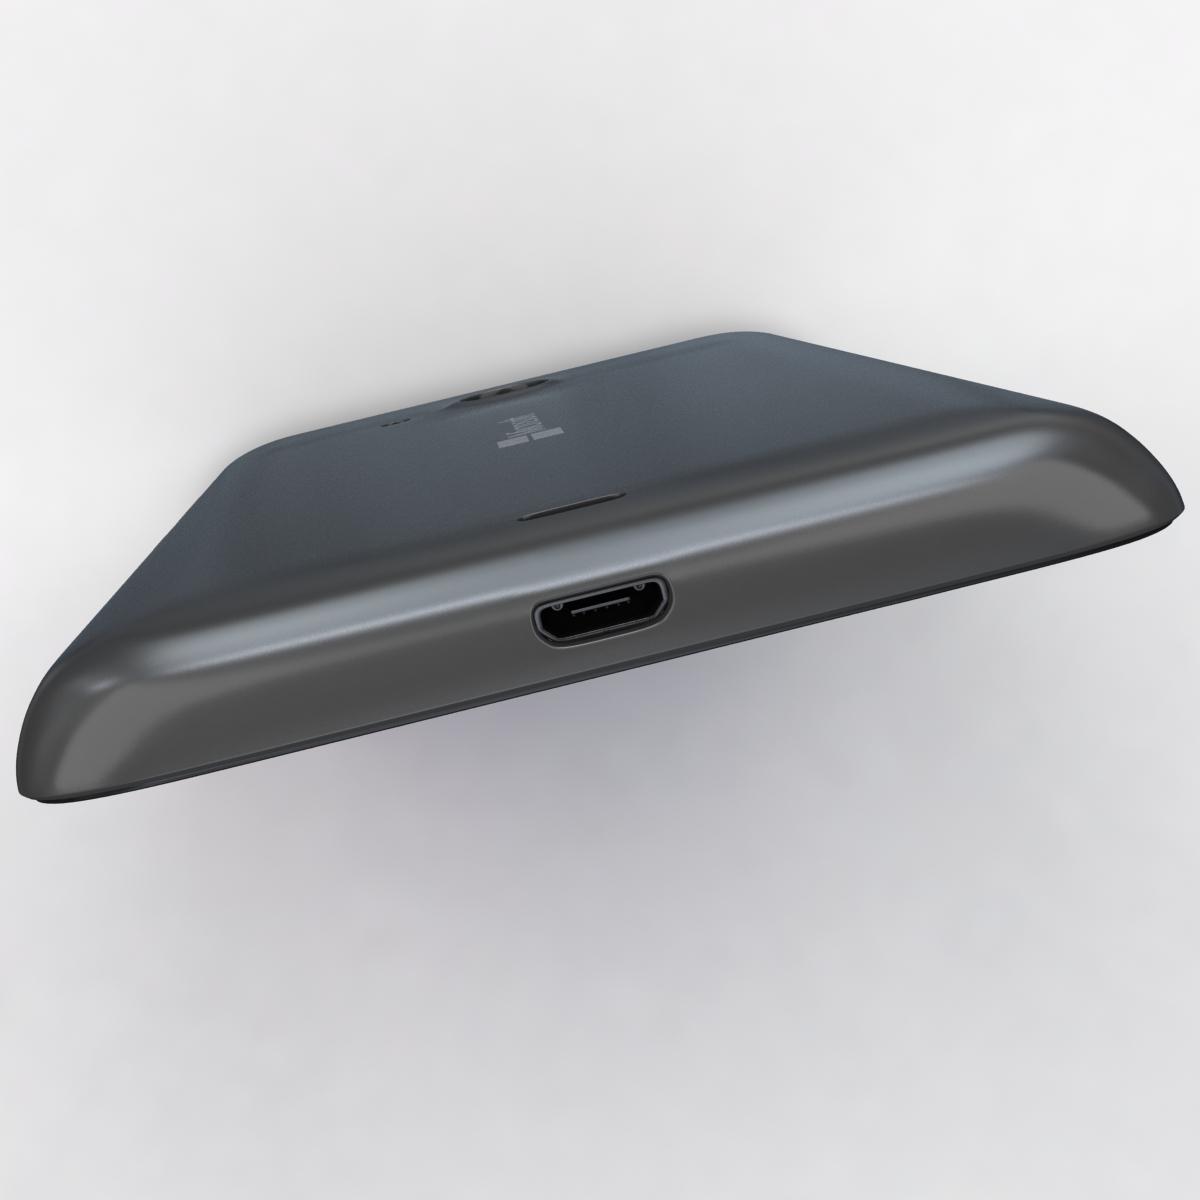 microsoft lumia 535 and dual sim gray 3d model 3ds max fbx c4d obj 204476